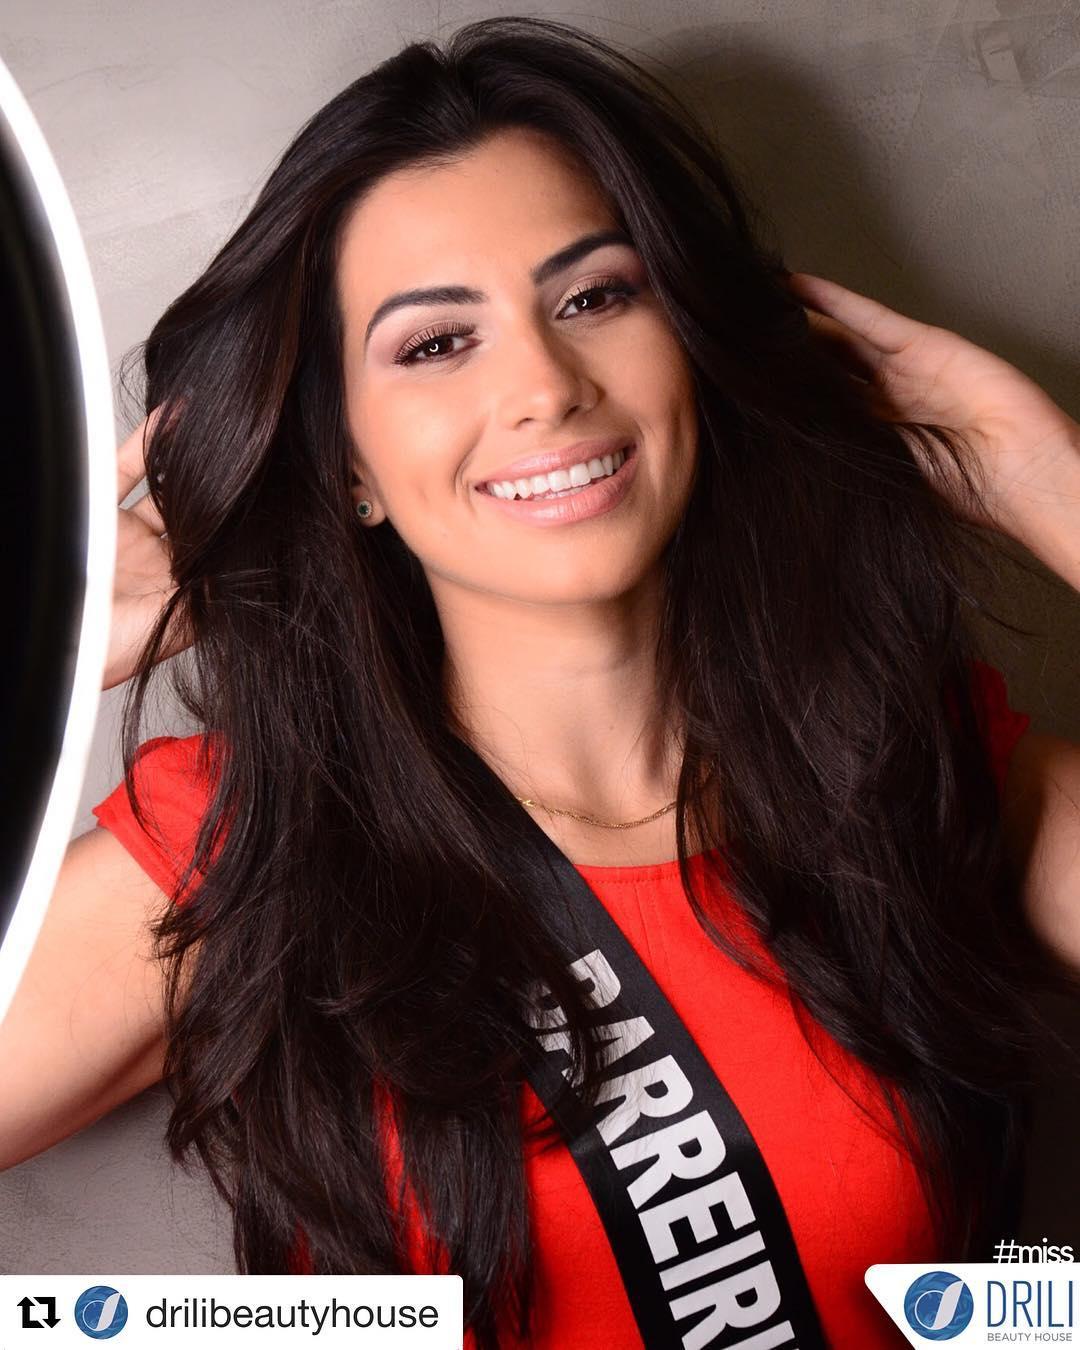 lorena bessani, miss maranhao universo 2018. 29738910